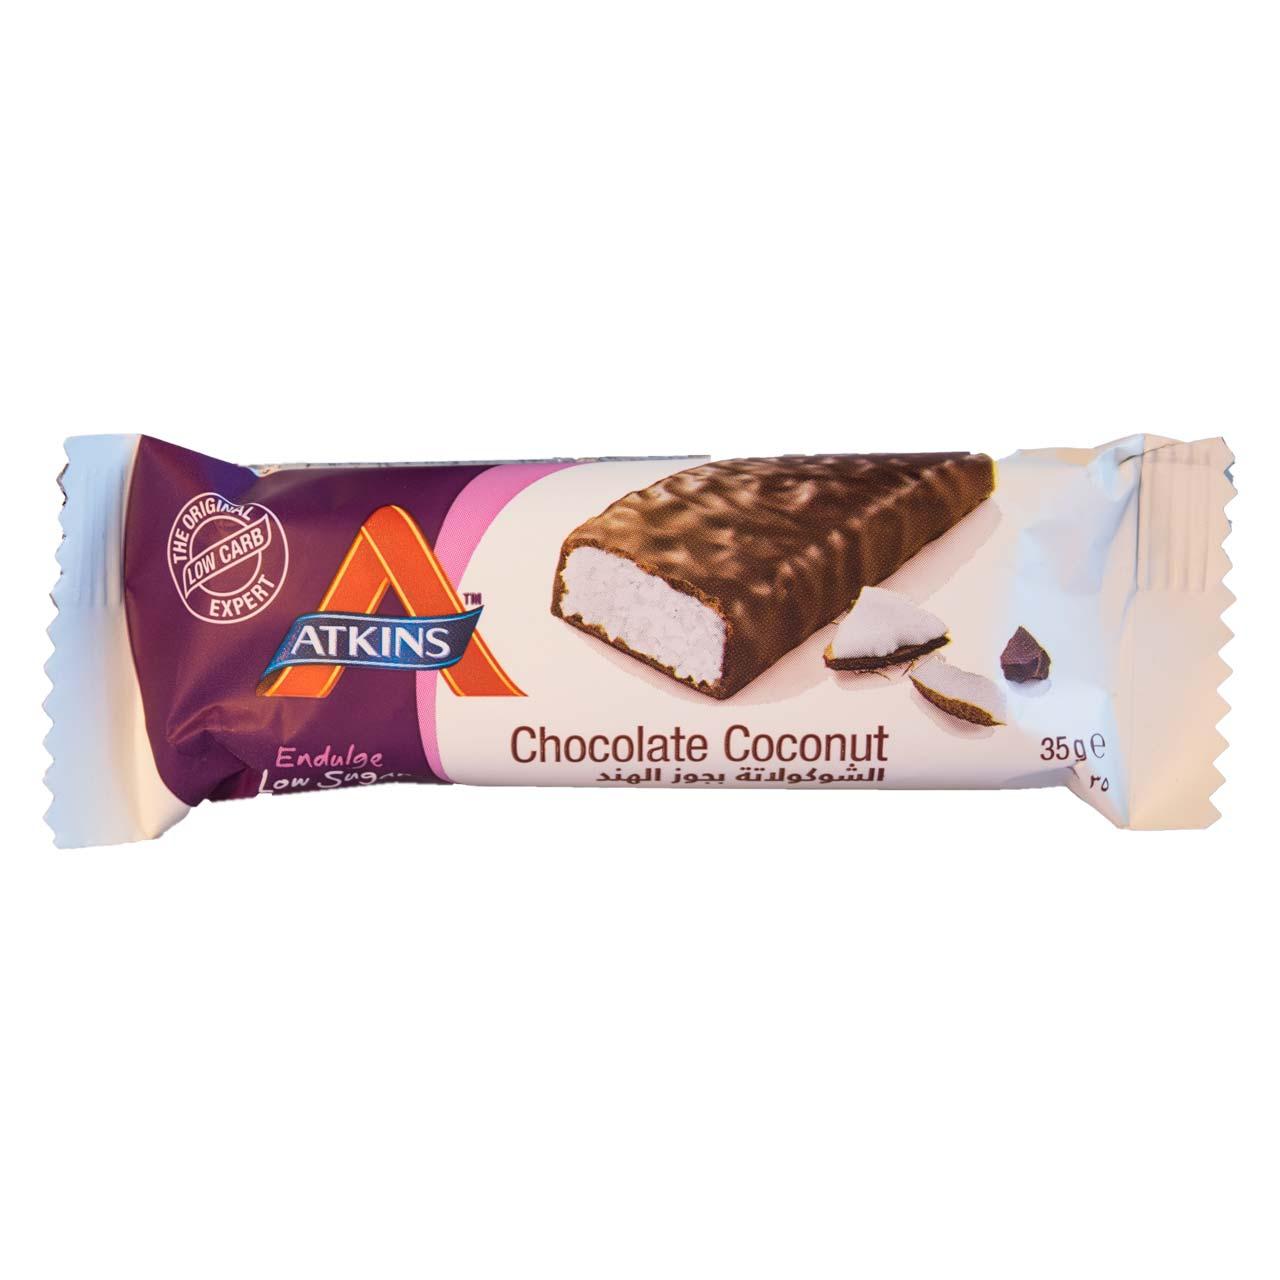 شکلات نارگیلی ۳۵ گرم اتکینز – atkins